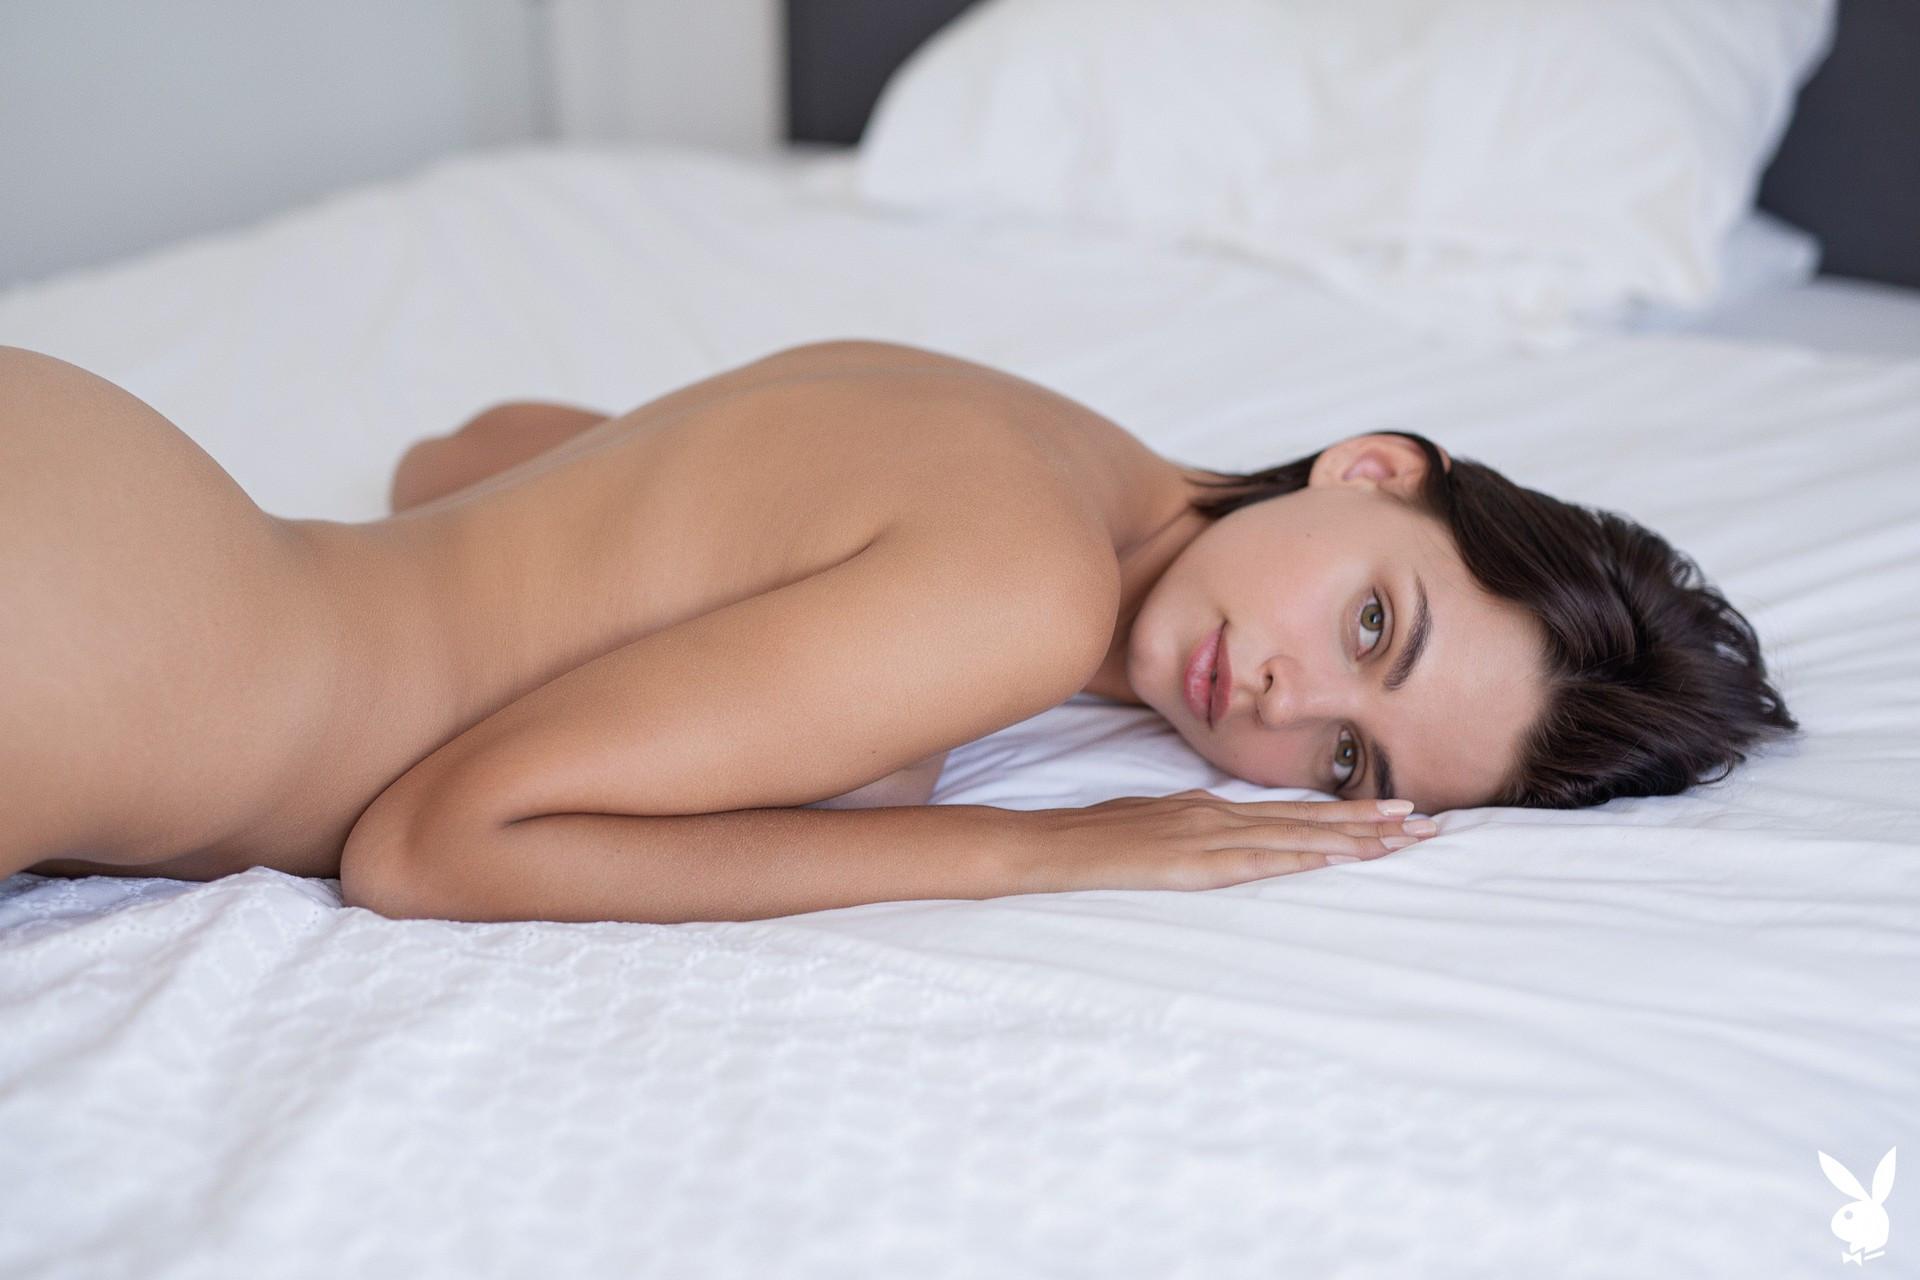 Ariel In Soft Awakening Playboy Plus (24)